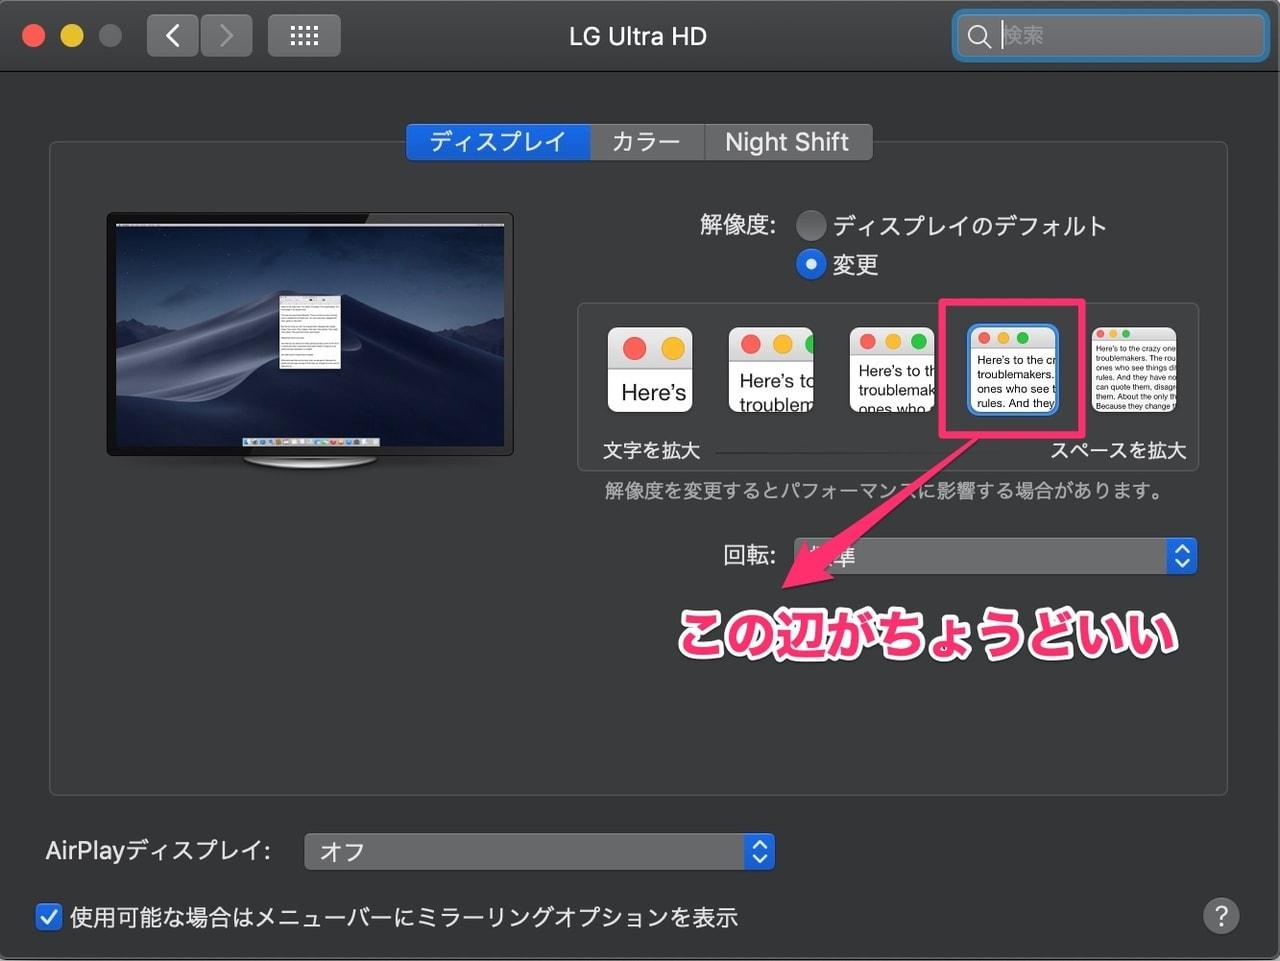 MacBook Proにおすすめな外付けモニタ LG 27UD58-Bのおすすめ設定